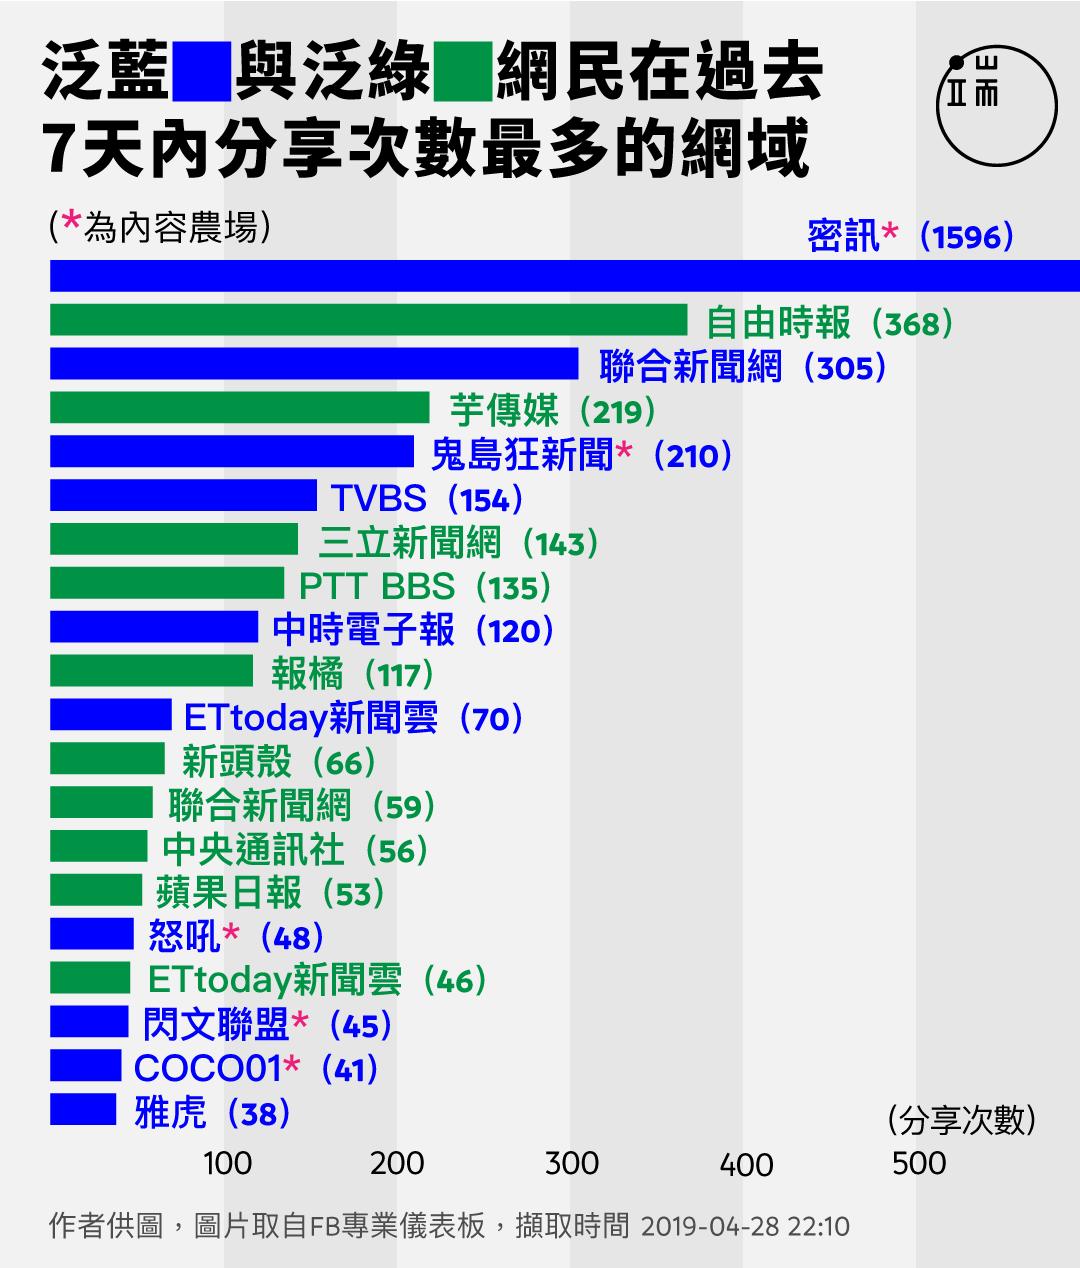 泛藍與泛綠網民在過去7天內分享次數最多的網域。